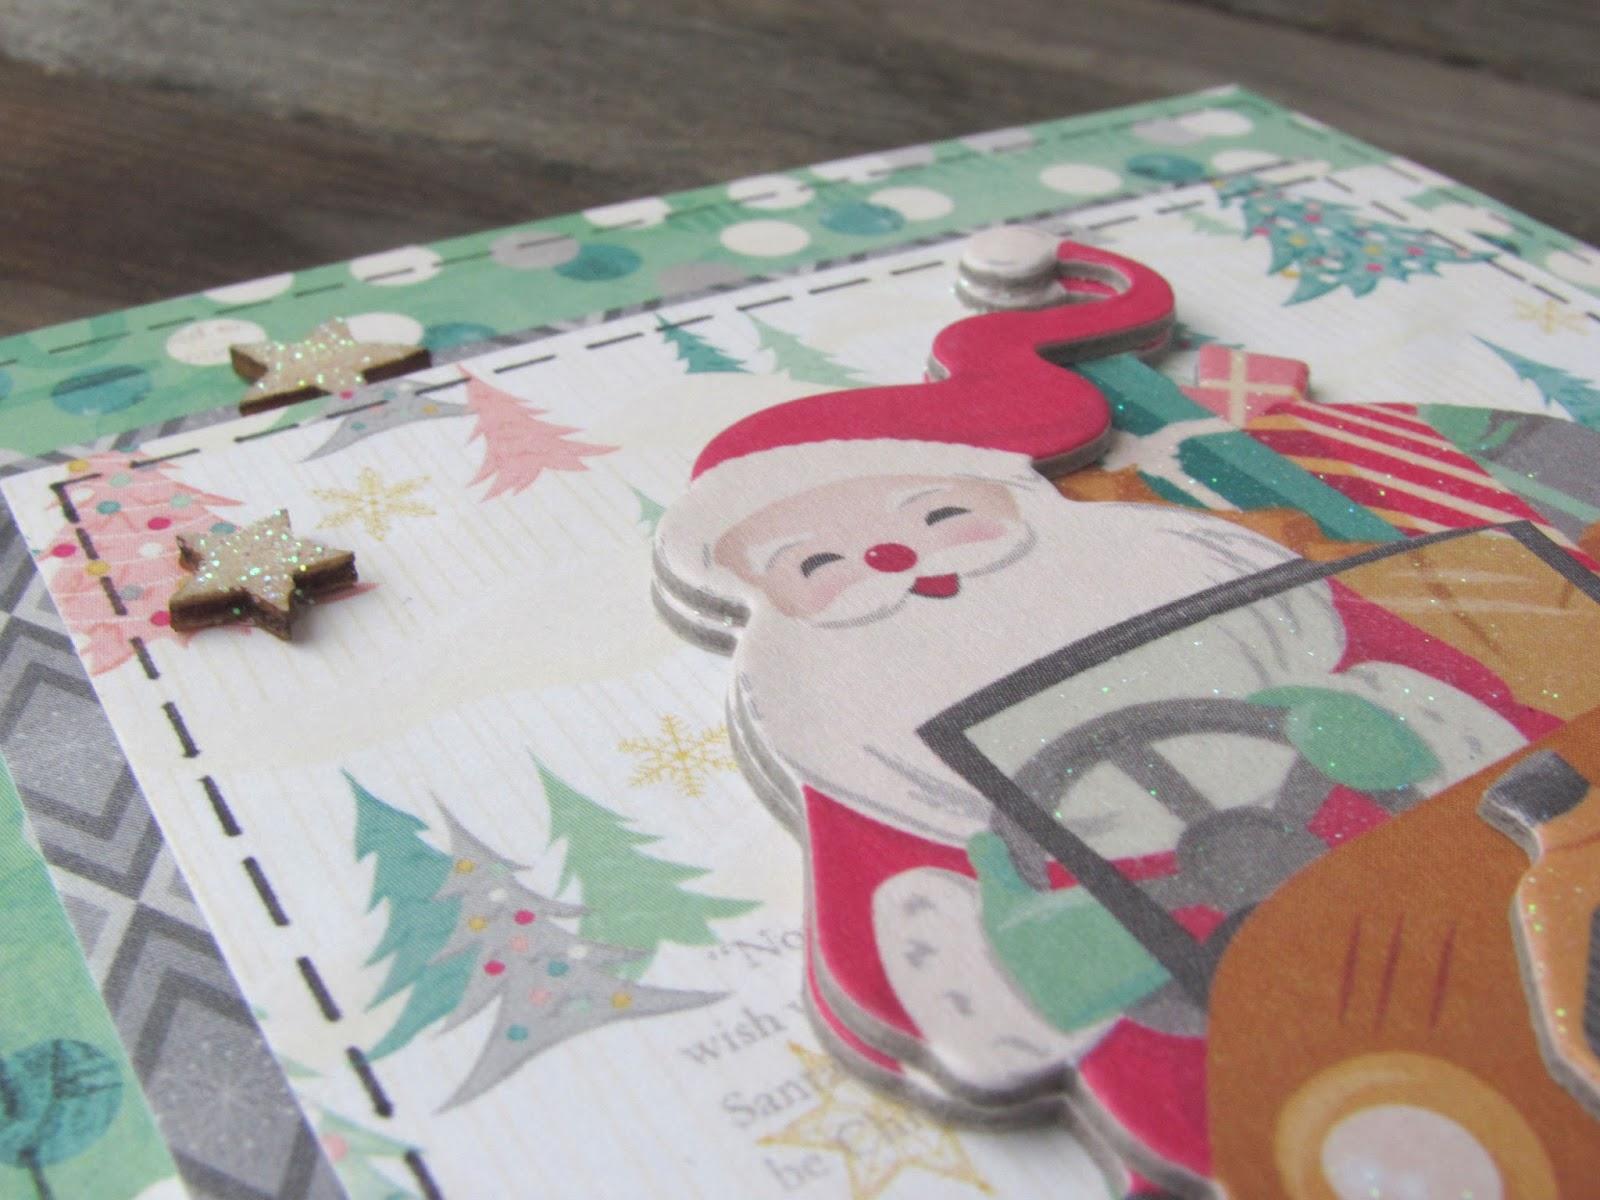 новый год, рождество, подарки, своими руками, ручная работа, скрапбукинг, открытка, купить, интернет магазин